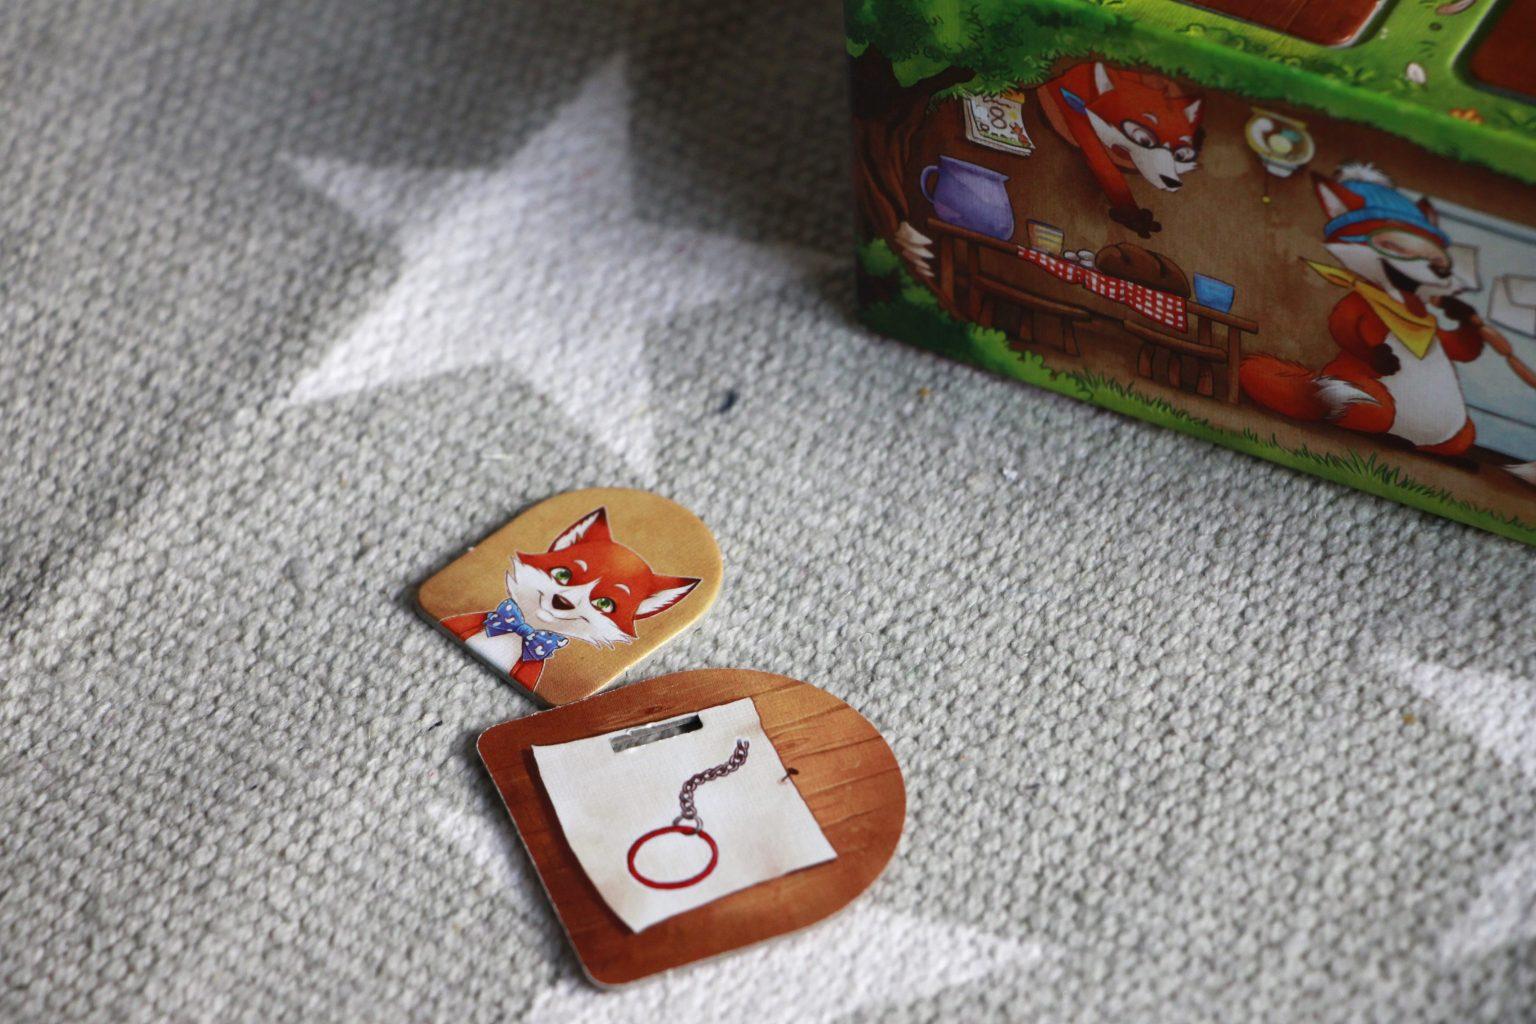 spannendes Brettspiel für Kinder